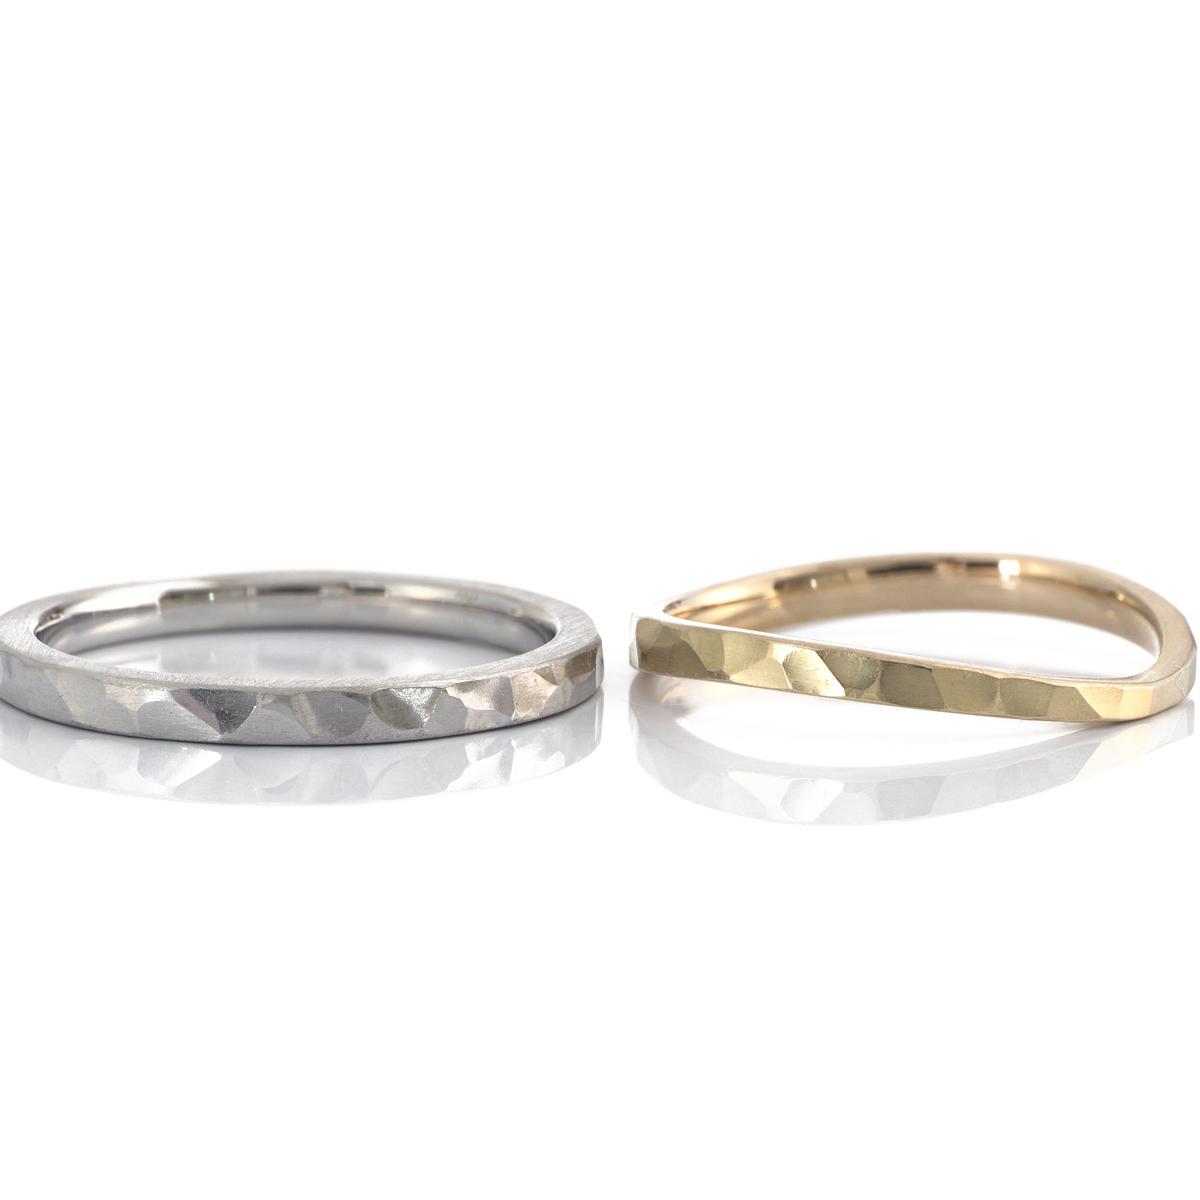 オーダーメイド結婚指輪 白バック プラチナ、ゴールド 屋久島でつくる結婚指輪